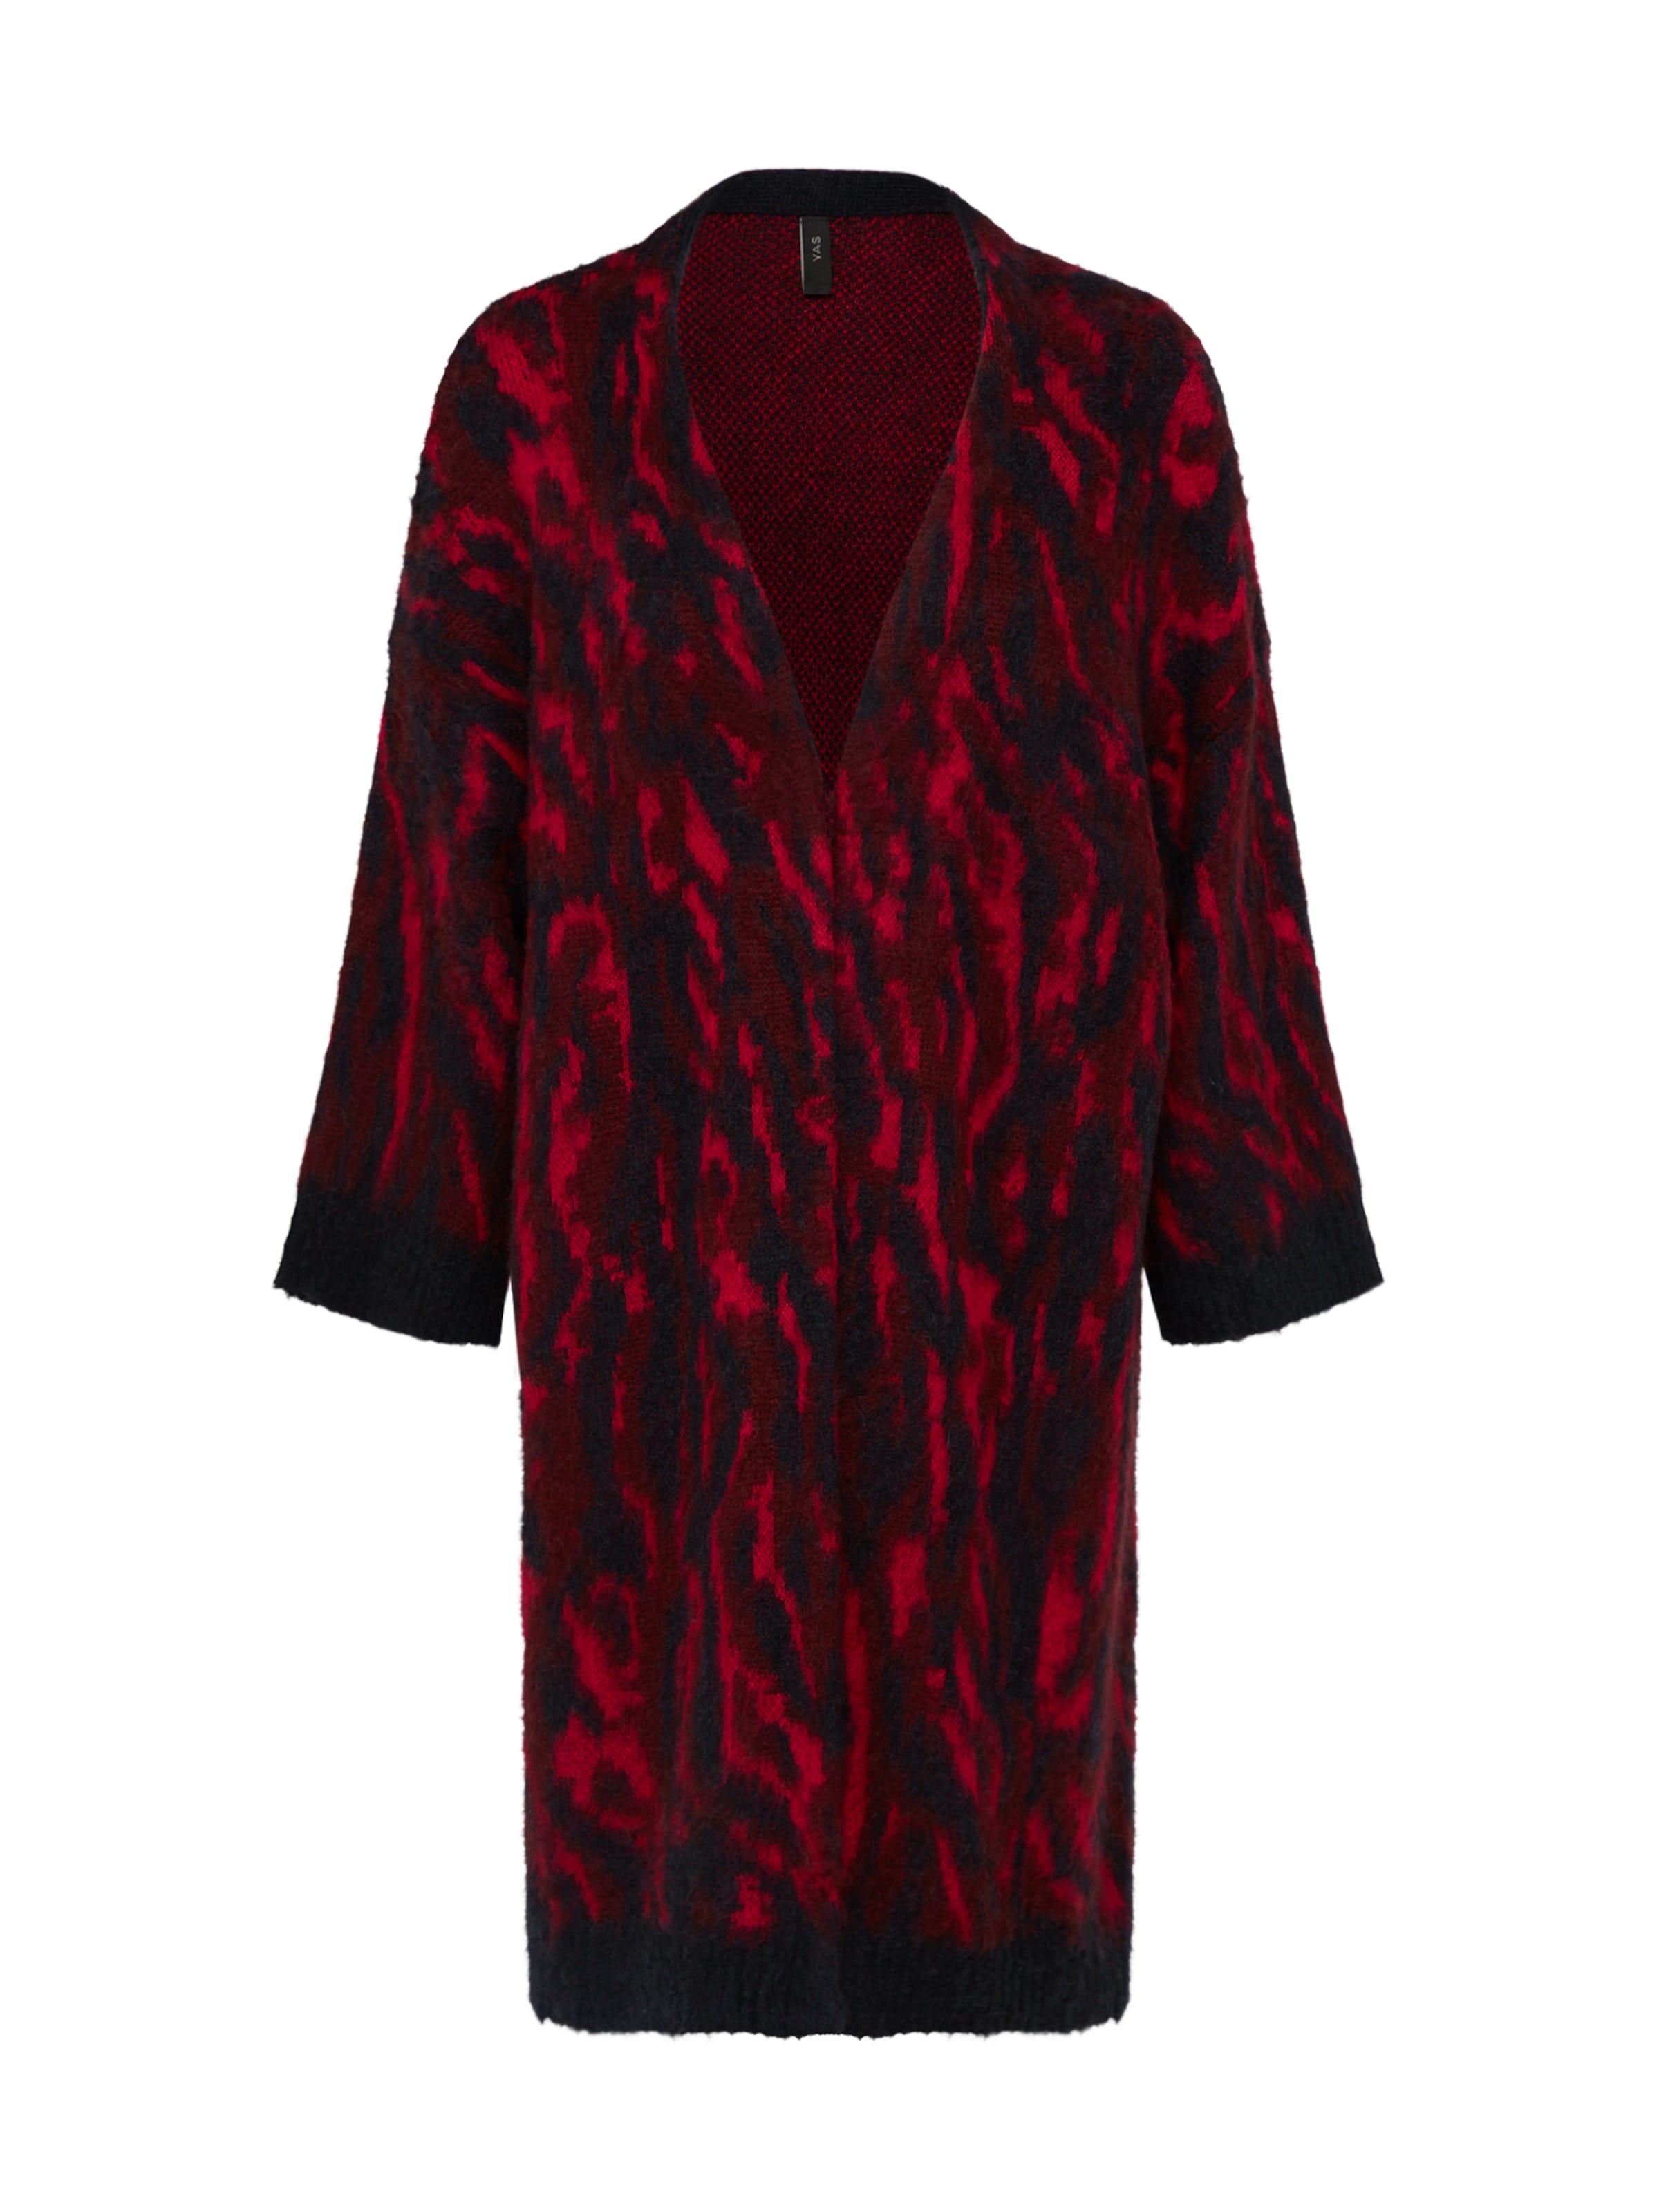 Knit s En 'yasollivander Oversize Cardigan ' Y Rouge Noir a UO1qwX1a